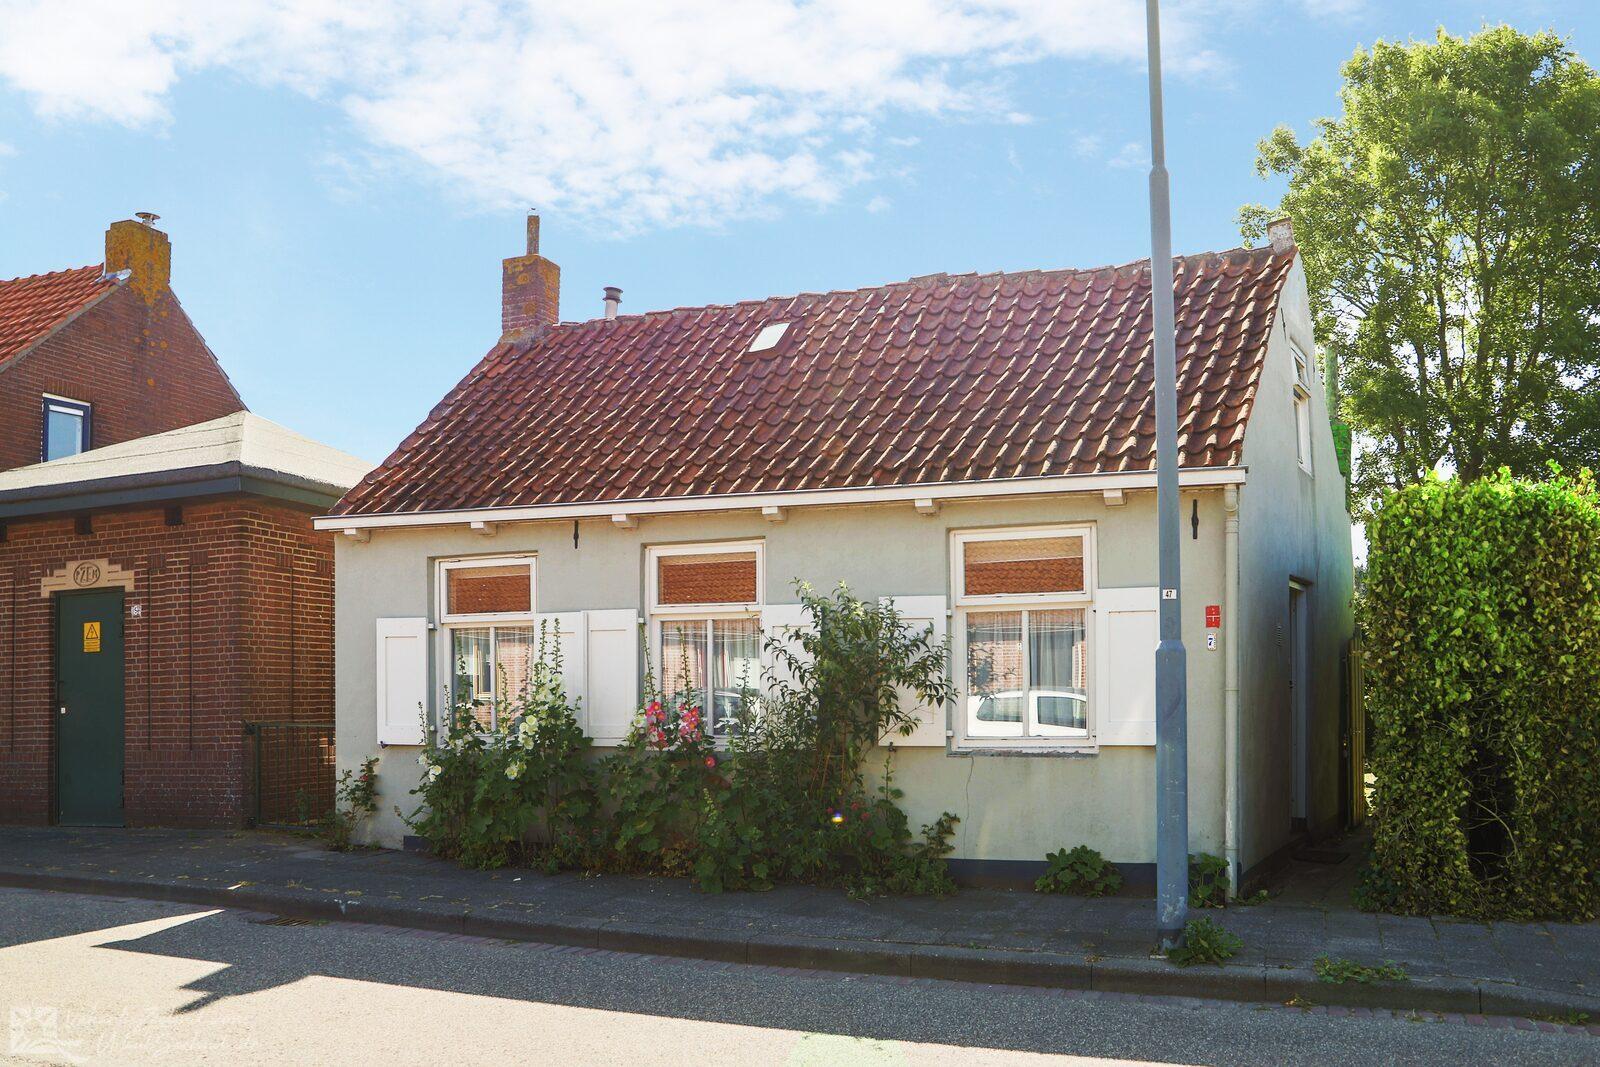 VZ 784 Bauernhaus in Grijpskerke